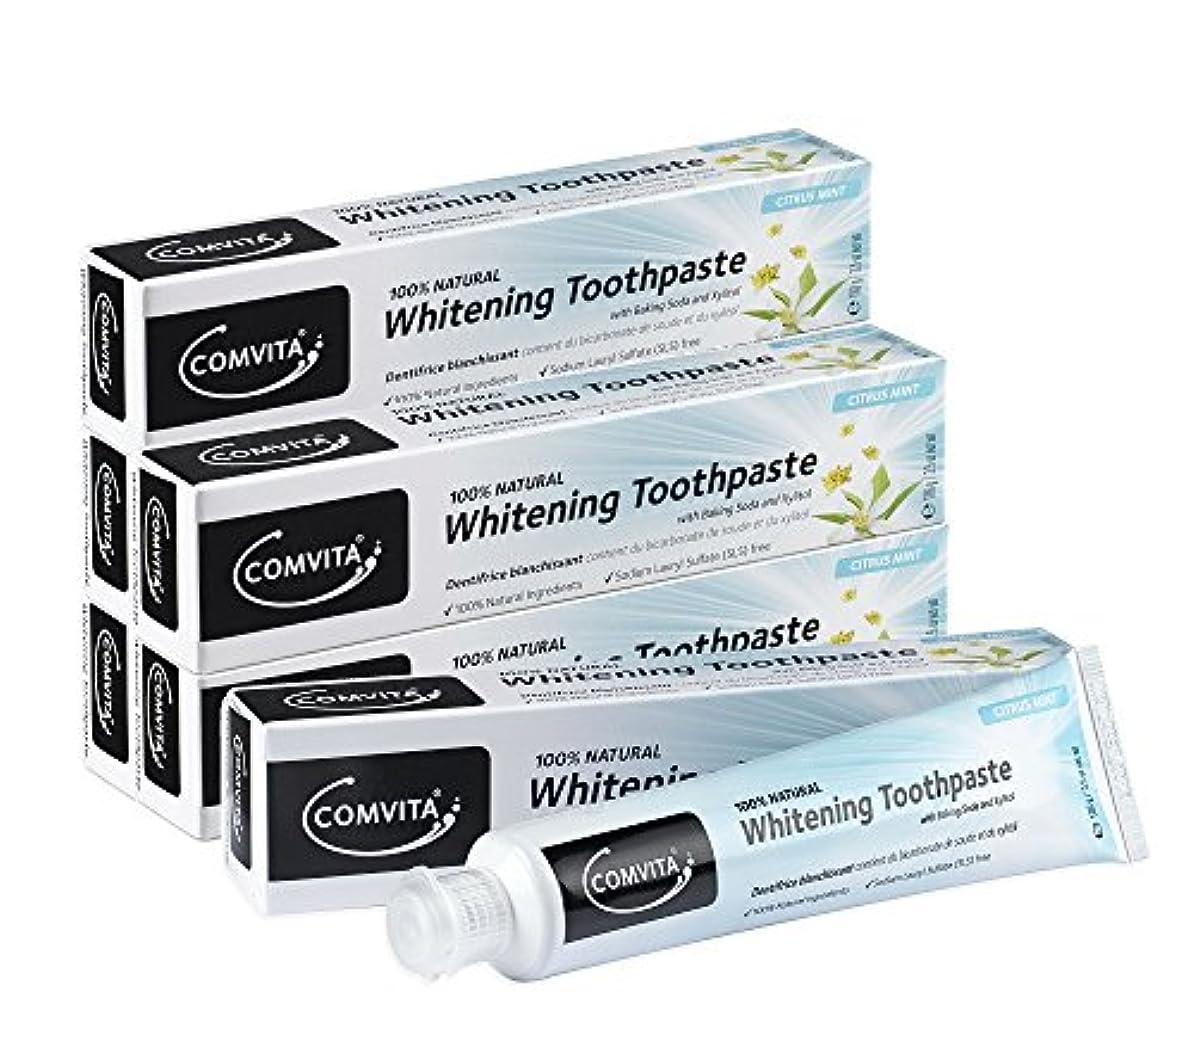 指標崇拝します地域ホワイトニング歯磨き コンビタ 100g お得な6本セット whitening toothpaste